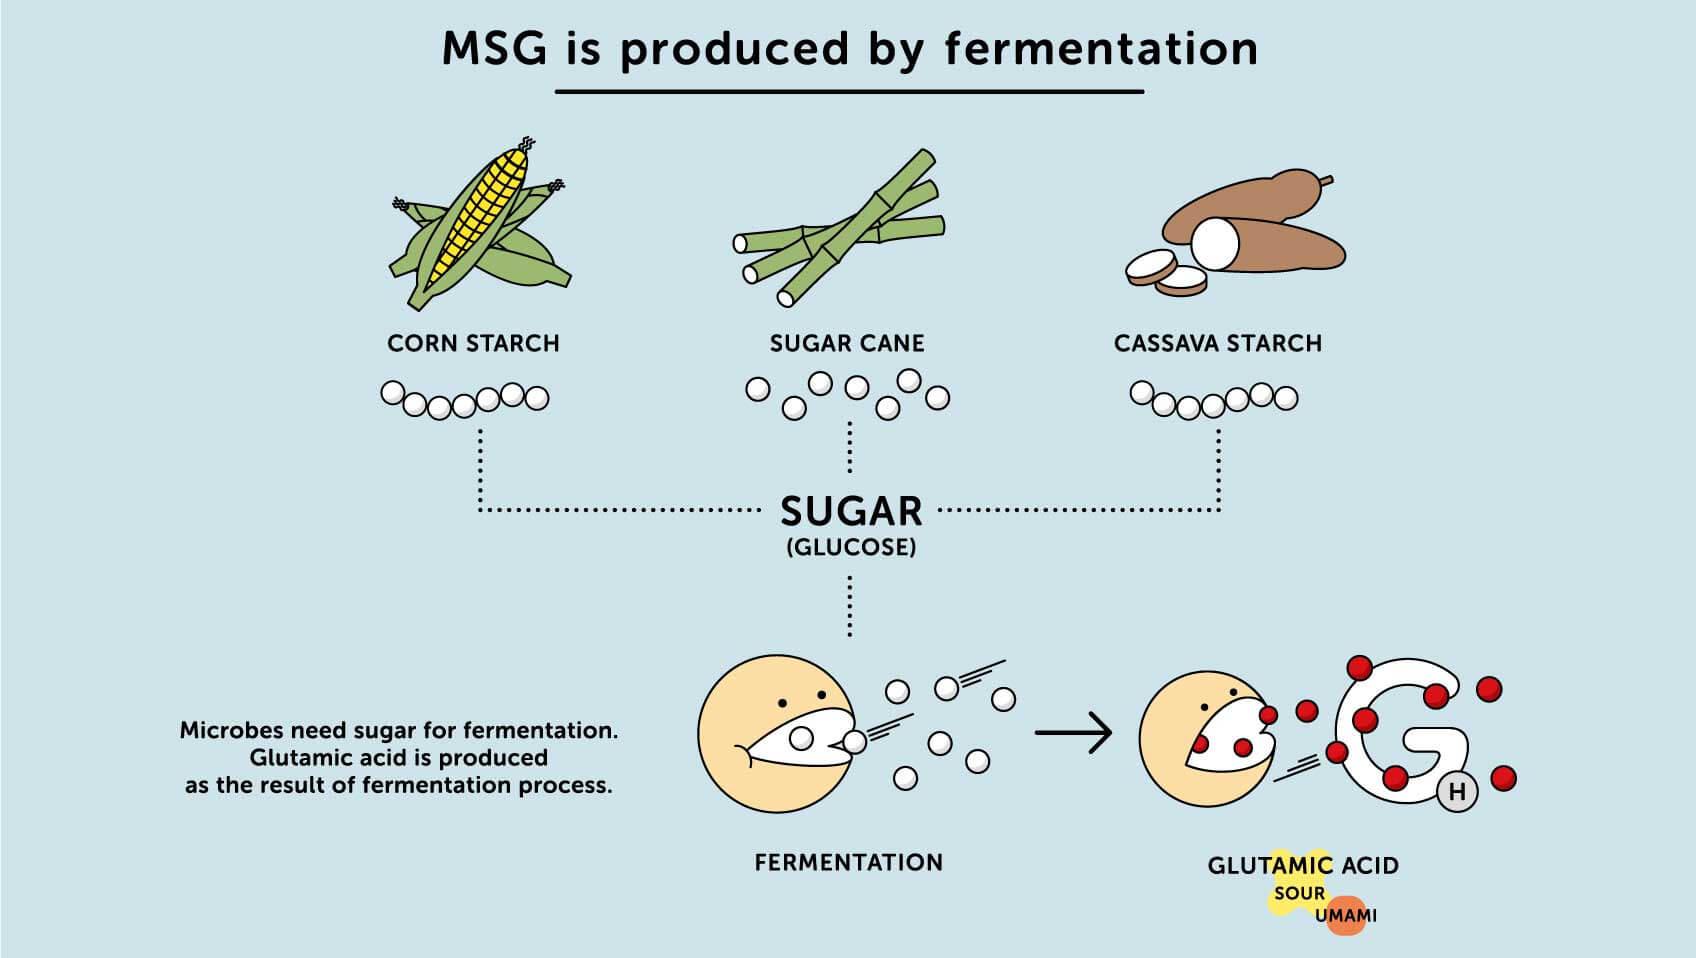 التخمير MSG بواسطة الذرة ونشا الكسافا